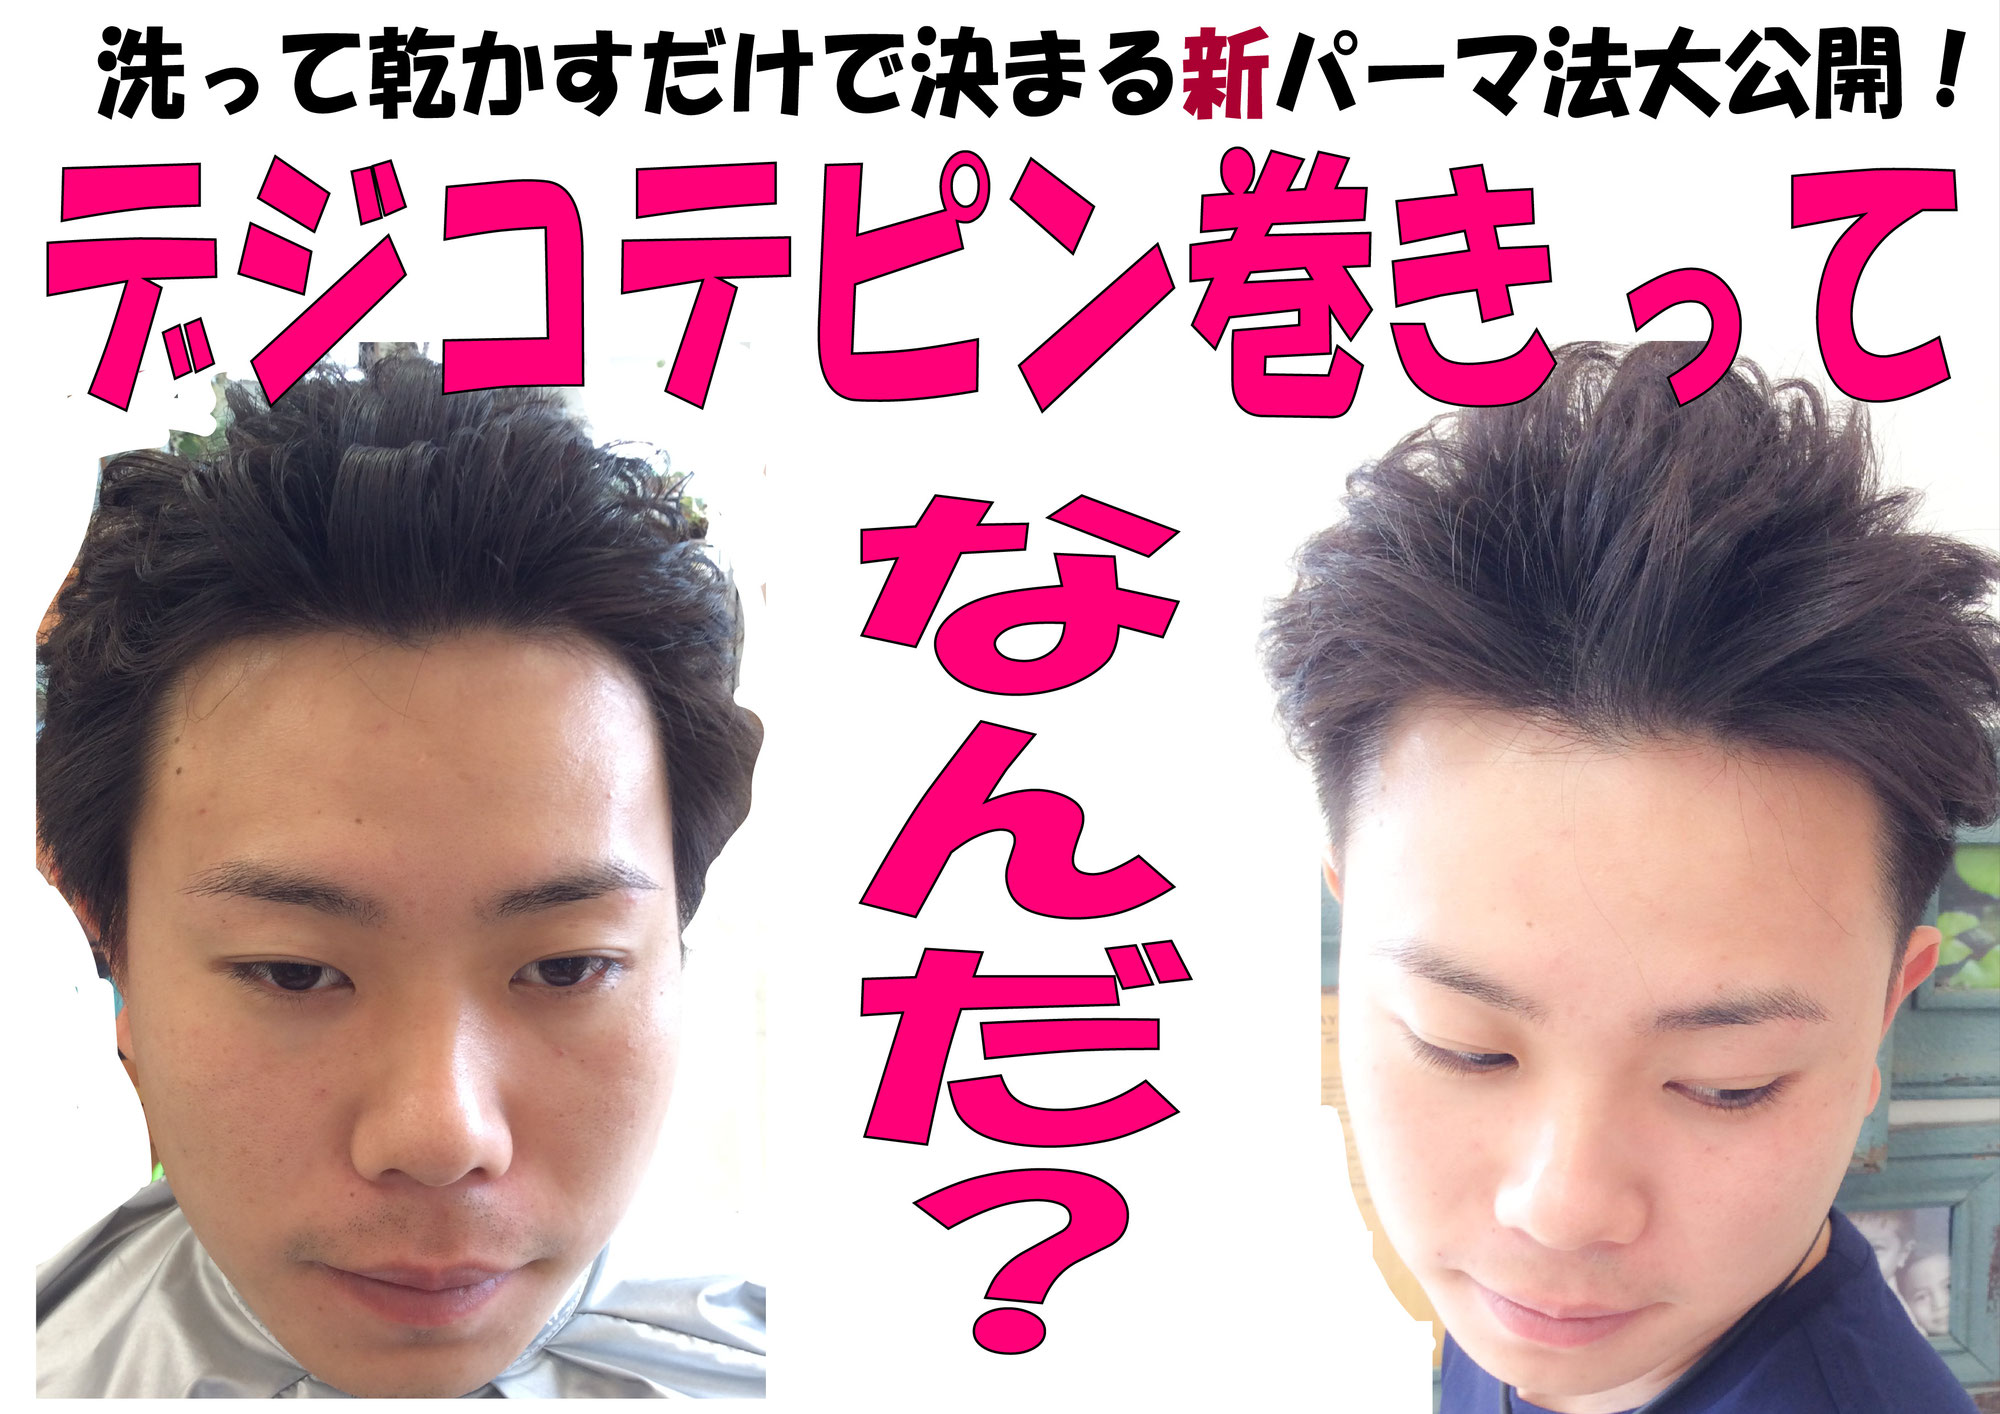 シン・パーマ 「デジコテピン」は究極の洗って乾かすだけで決まる髪!